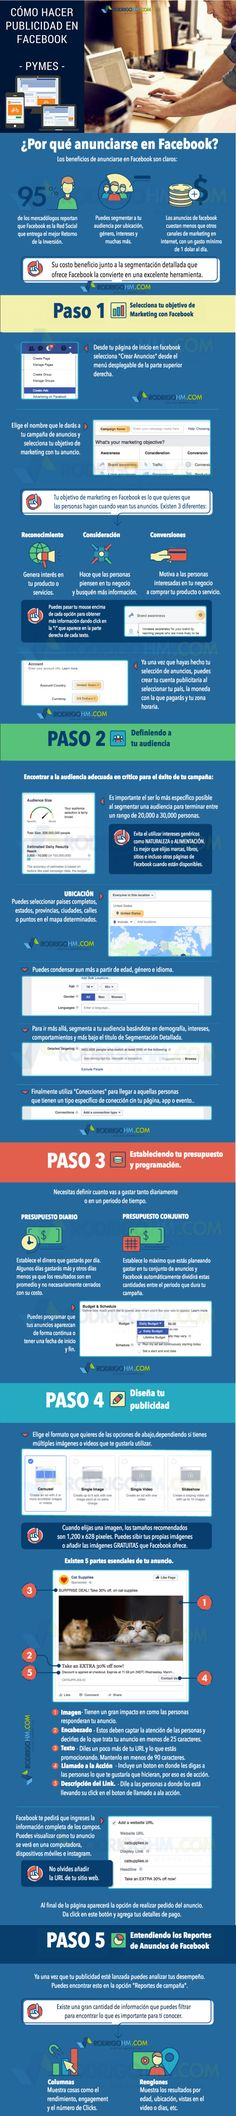 Cómo hacer publicidad en Facebook #infografia